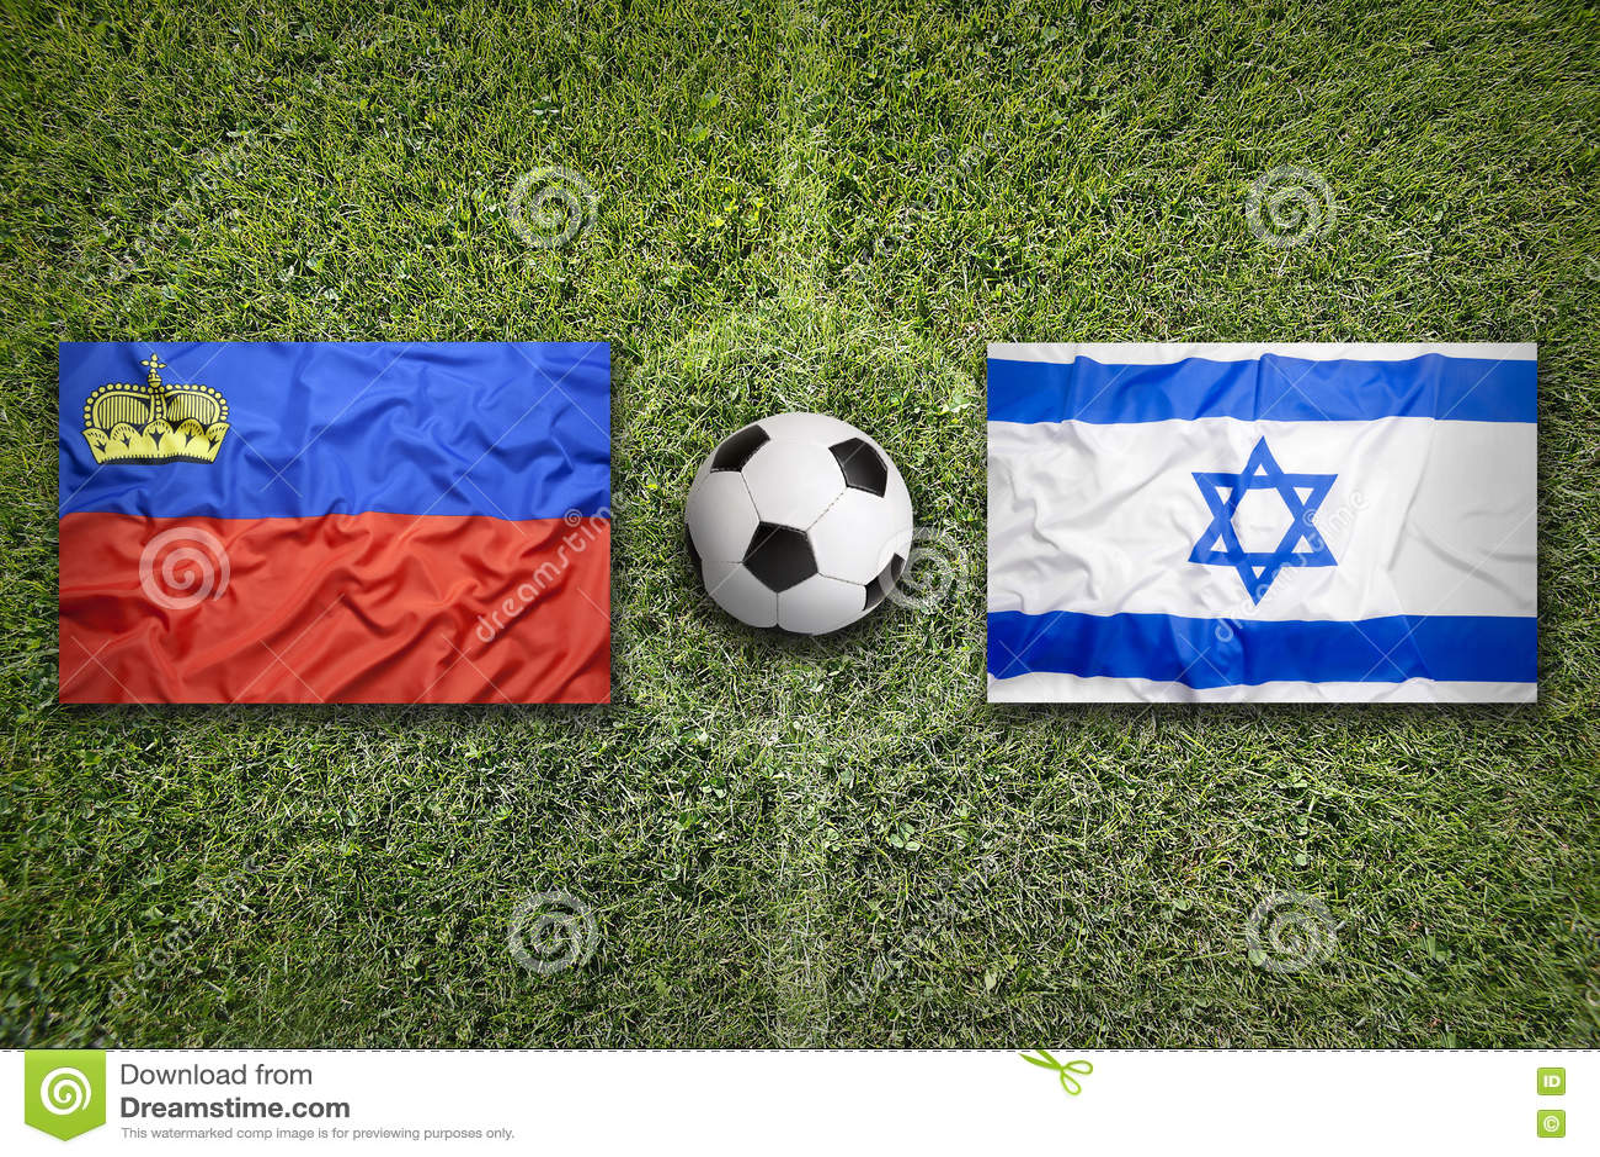 Israel Turf